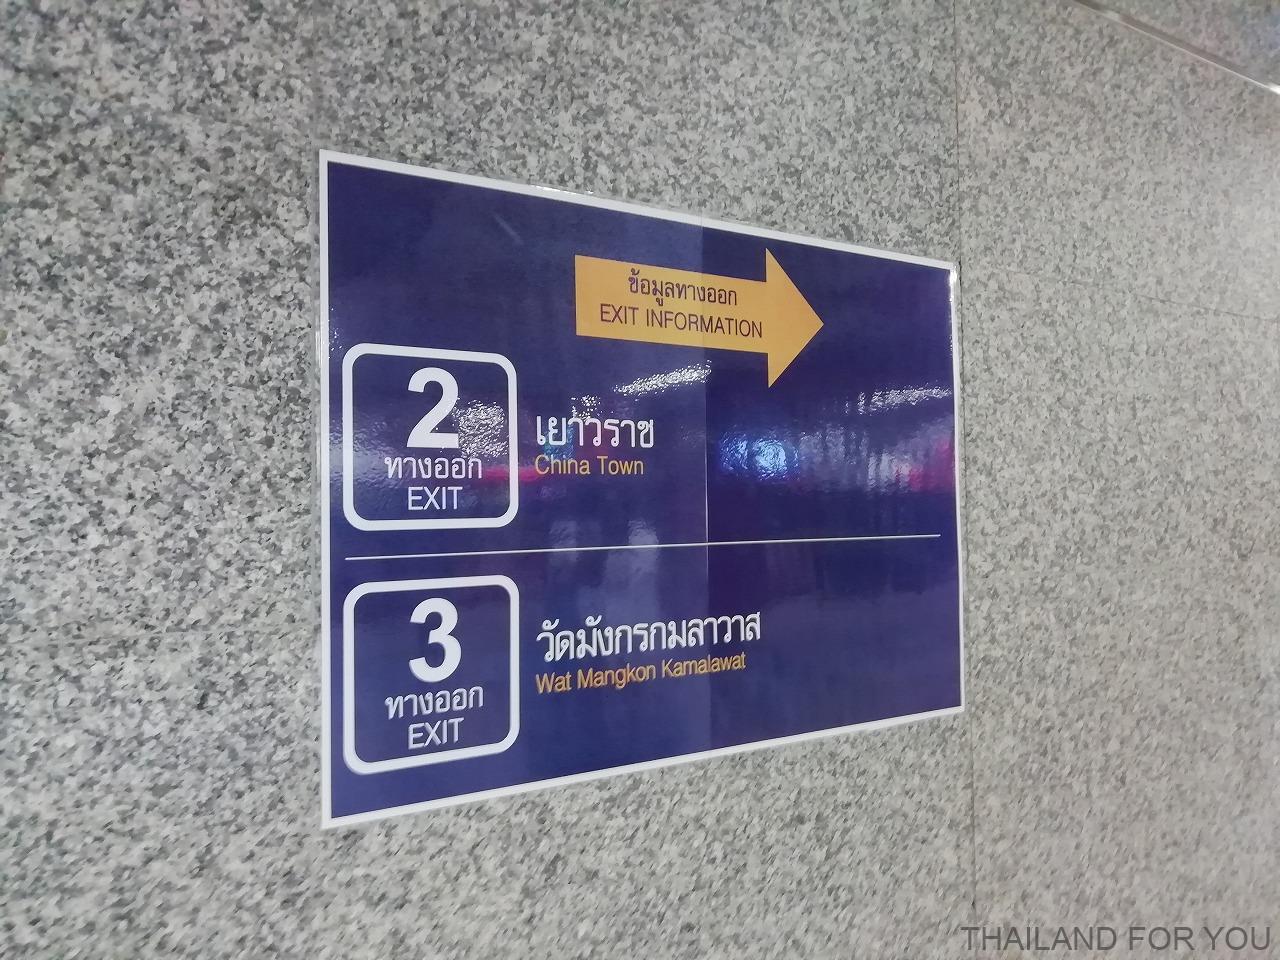 ワットマンコン駅 Wat Mangkon バンコク MRT 延伸